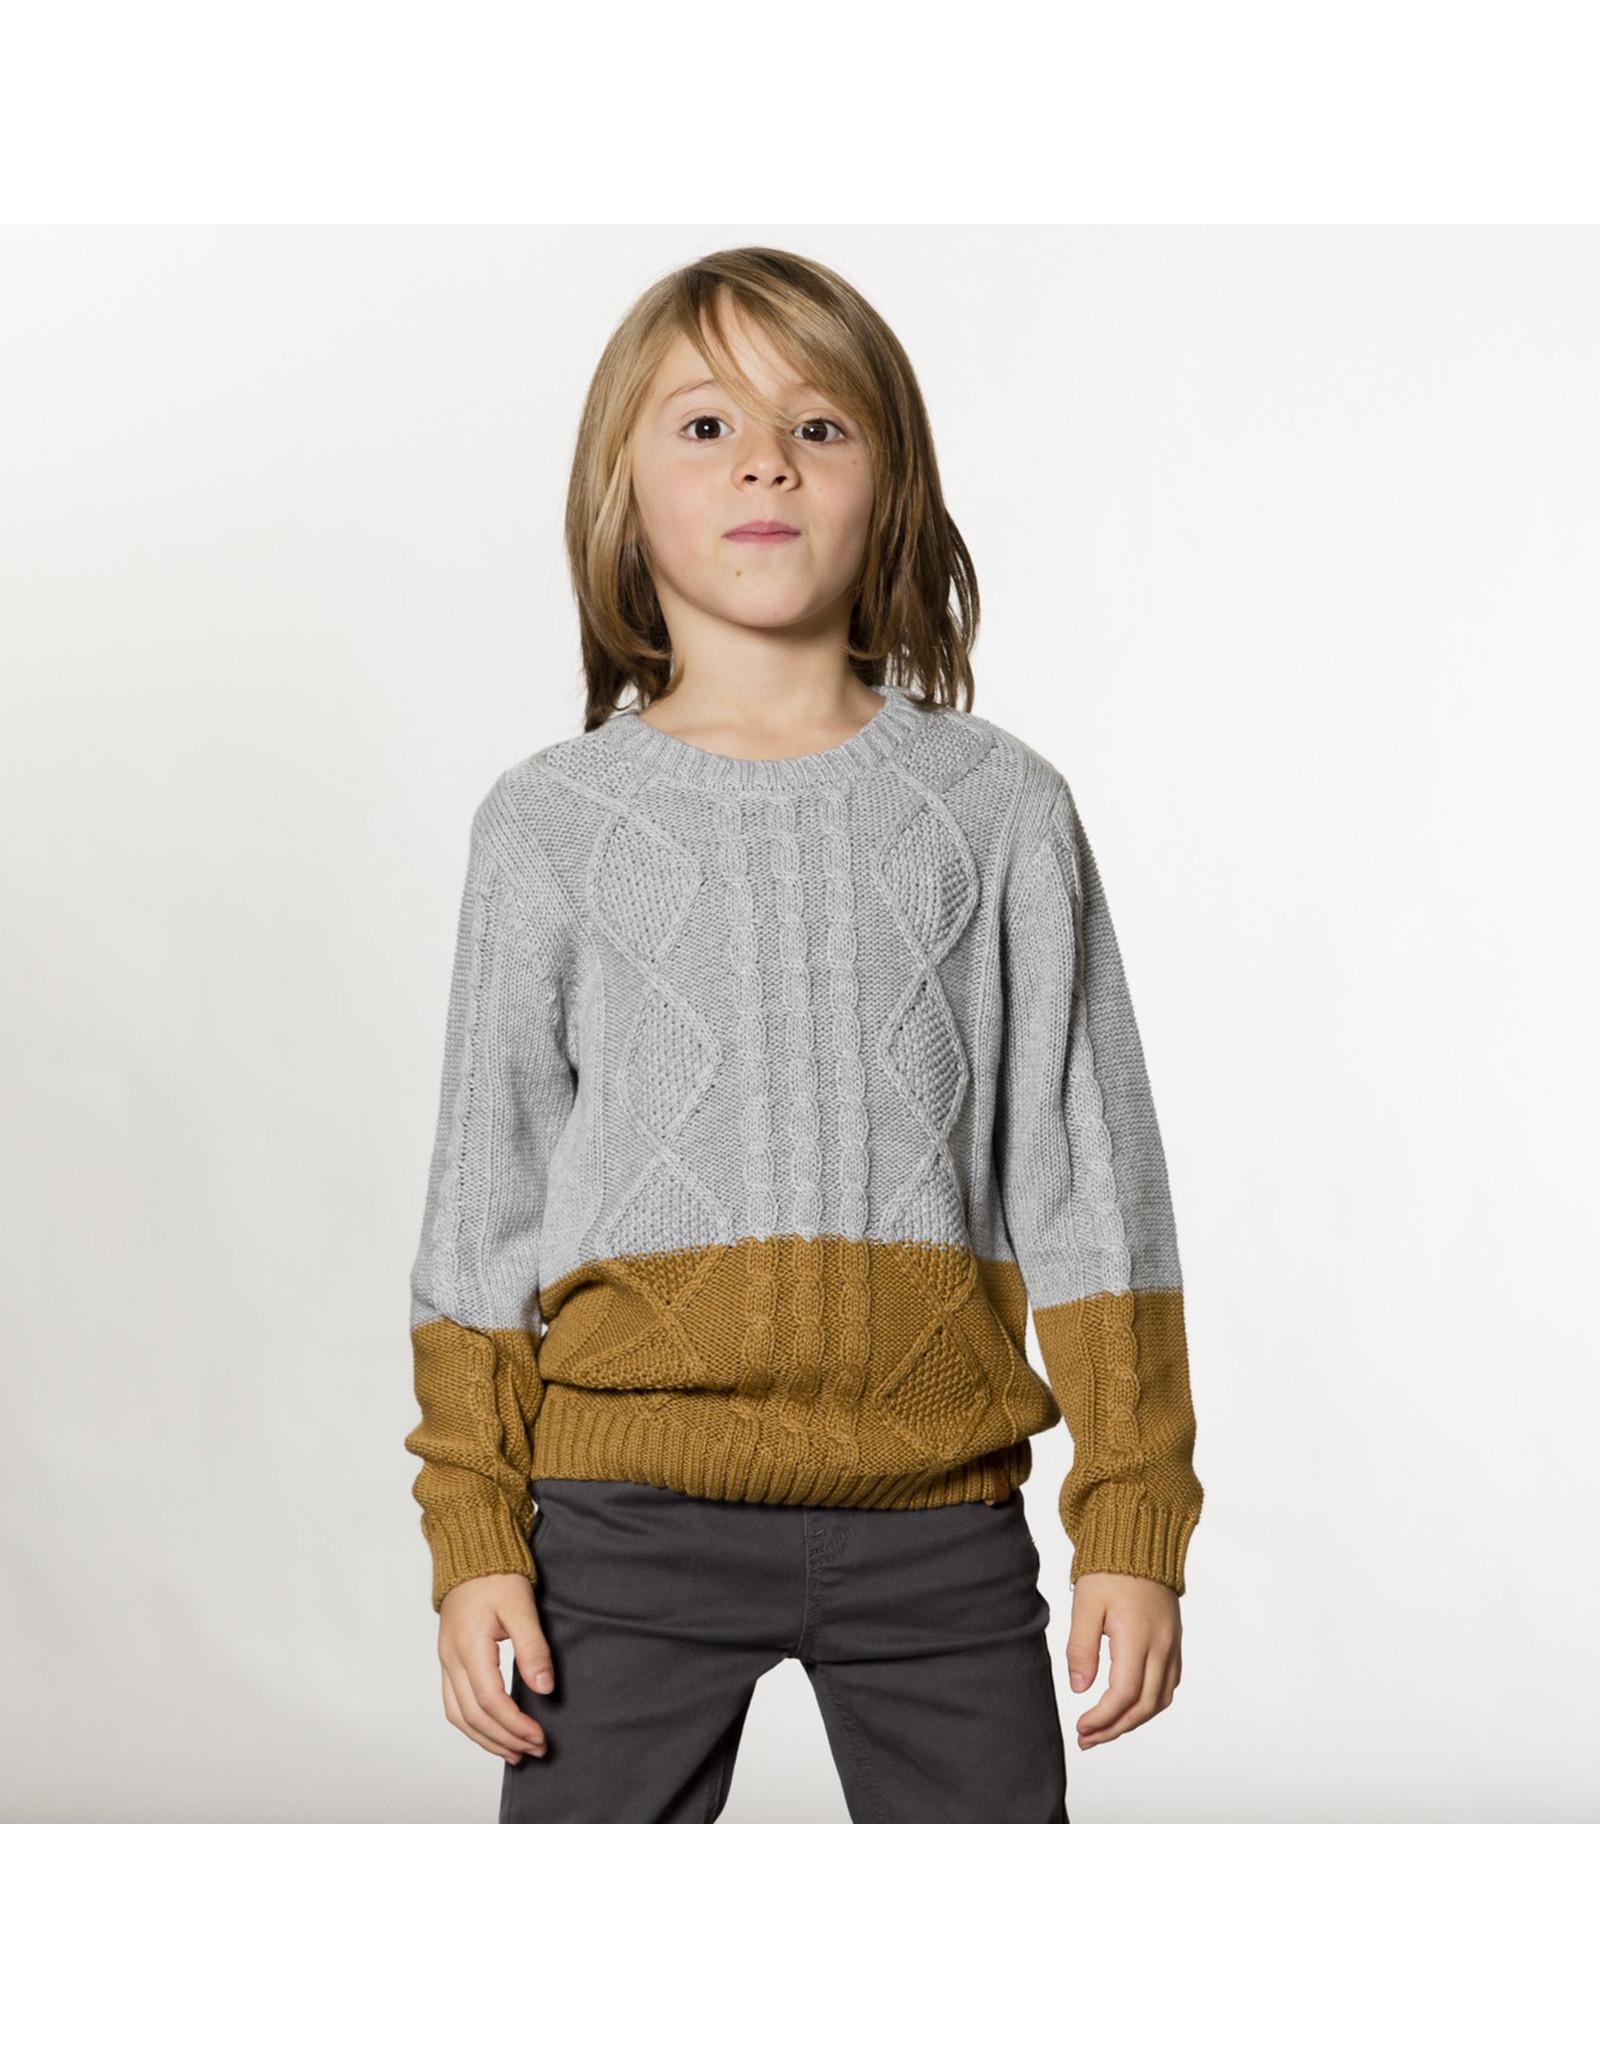 Deux Par Deux Grey and Gold Knit Cable Sweater